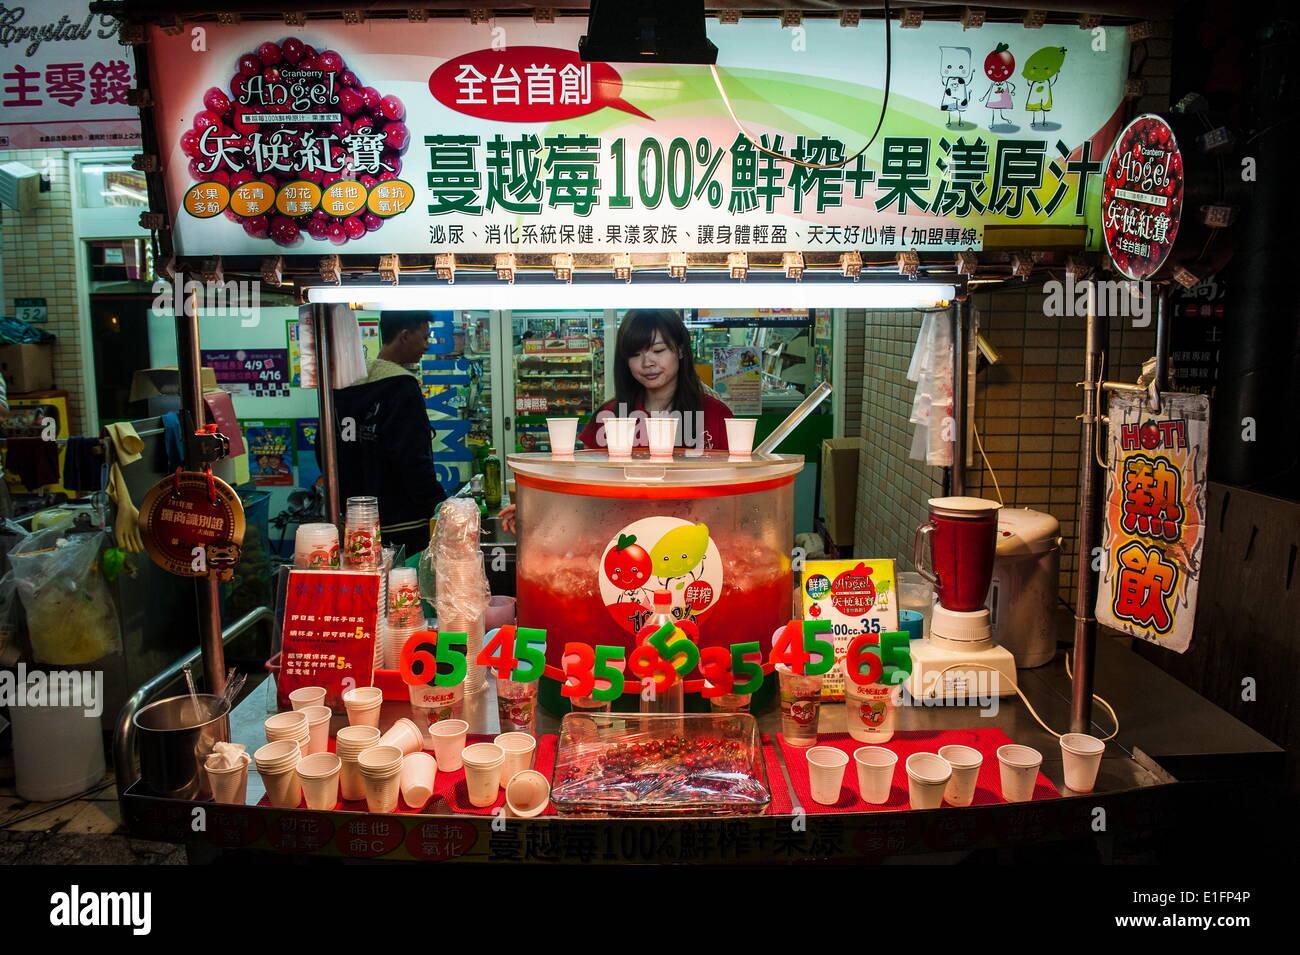 Saftbar in Shilin Night Market, Taipei, Taiwan, Asien Stockbild